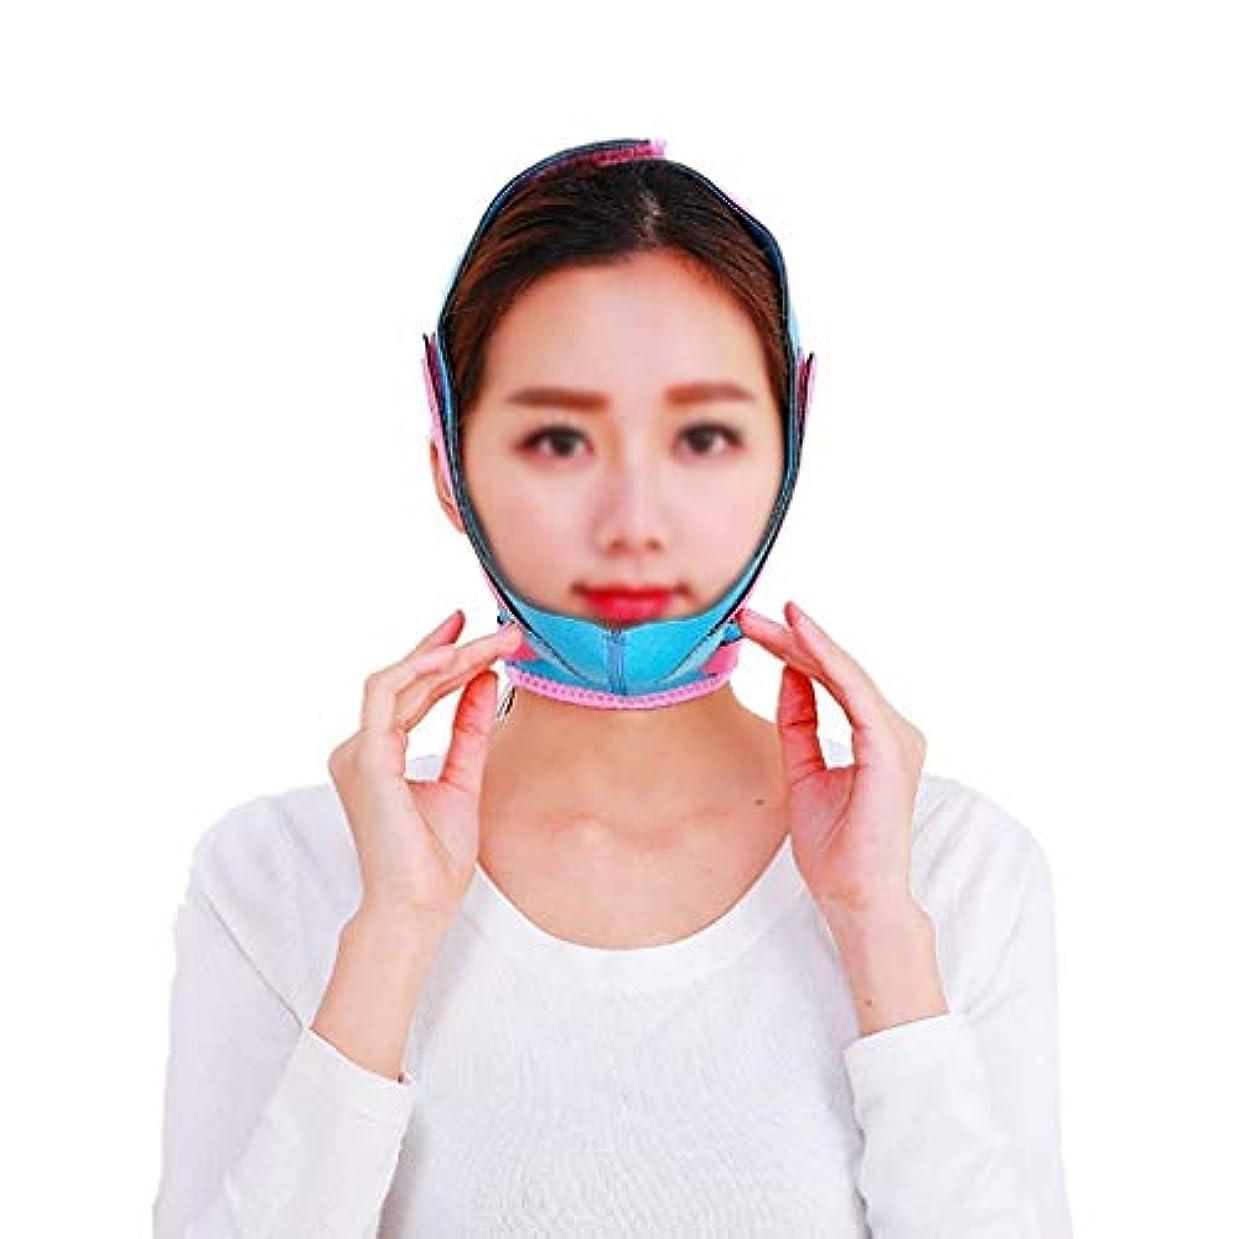 報告書操縦するとんでもない顔と首のリフト、男性と女性のフェイスリフトアーティファクトシュリンクマスクを強化輪郭の救済ドループ筋肉引き締め肌弾性V顔包帯